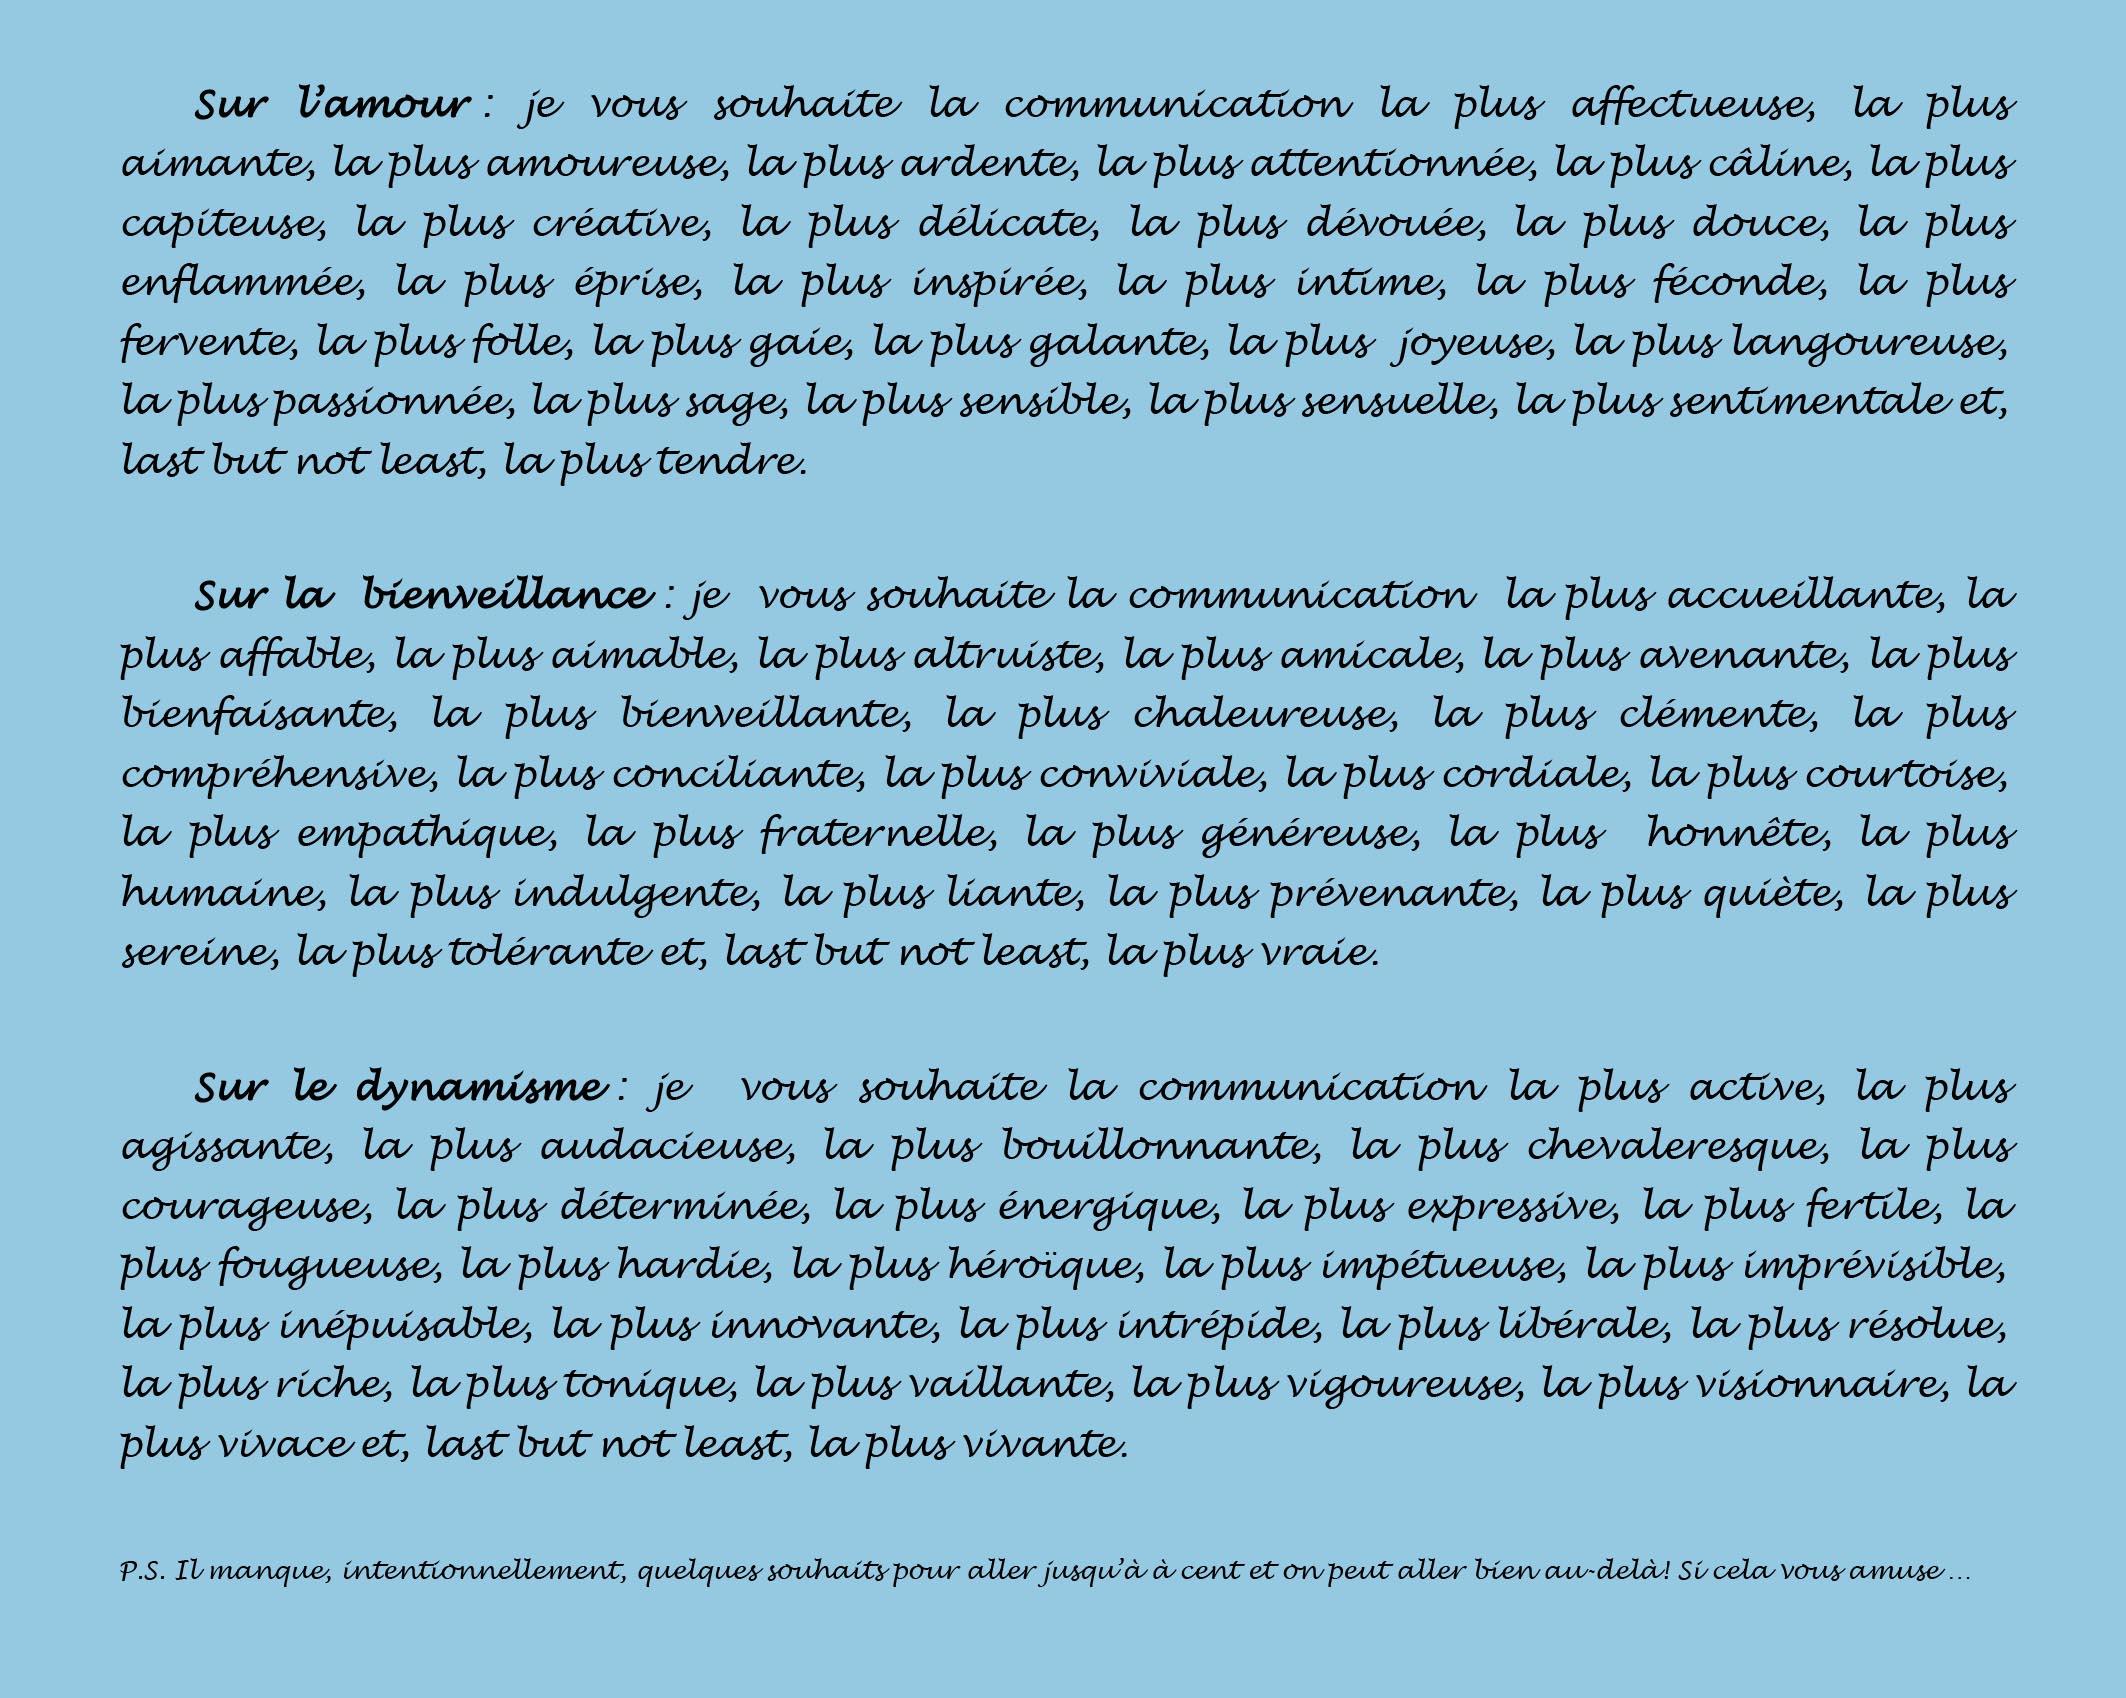 Trois voeux et 100 souhaits français